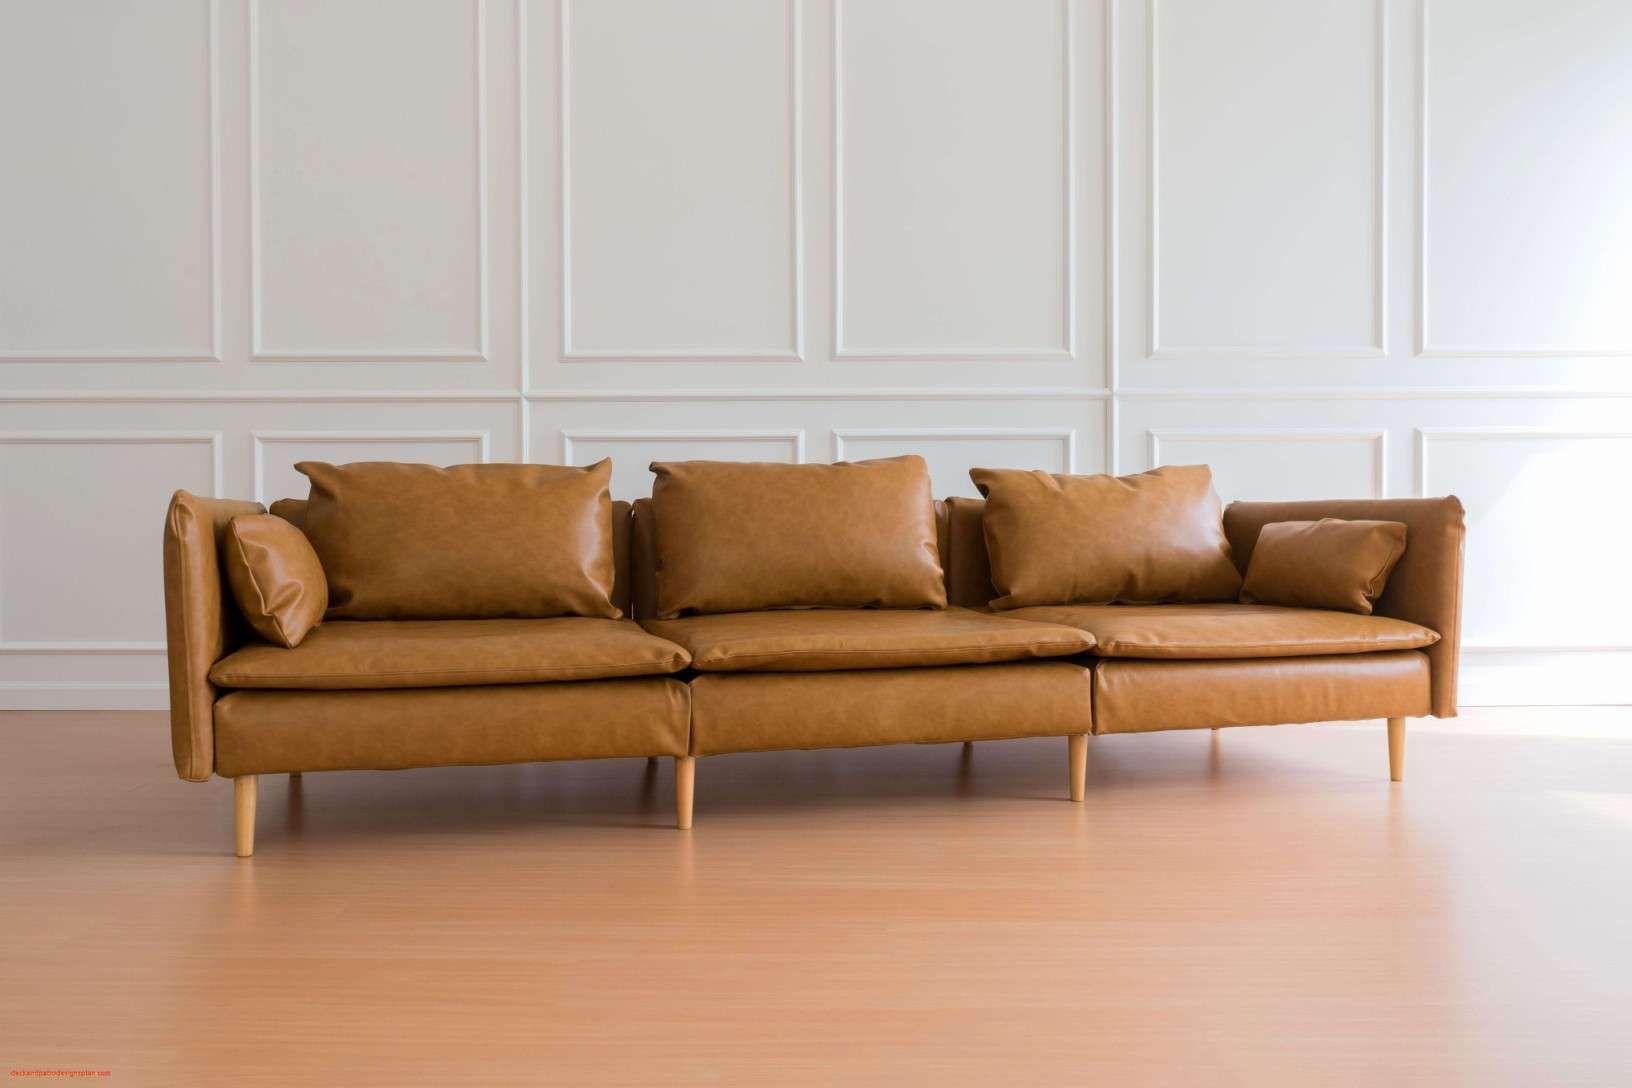 Big Sofa Grau Xxl Lutz / Xxl Lutz Couch Grau  Big sofas ...